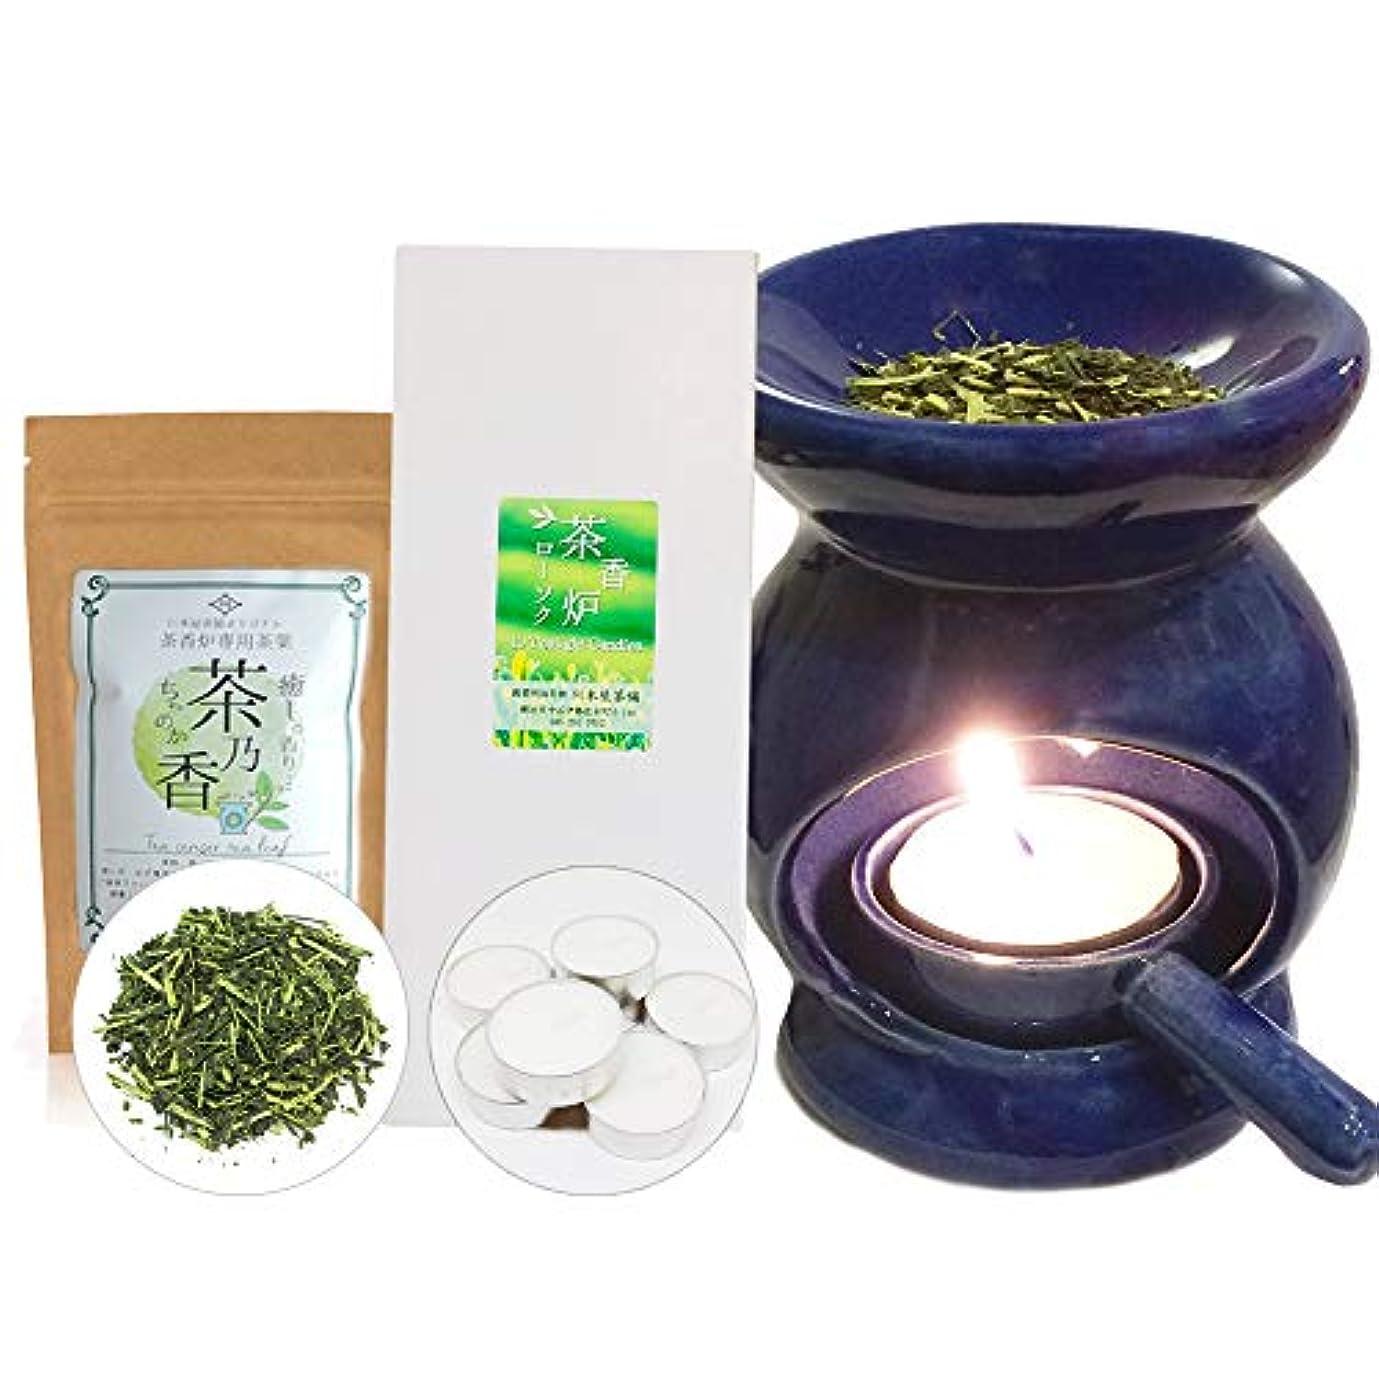 呼び出す地域の分類川本屋茶舗 はじめての茶香炉セット (茶香炉専用茶葉?ローソク付) 届いてすぐ始められる?